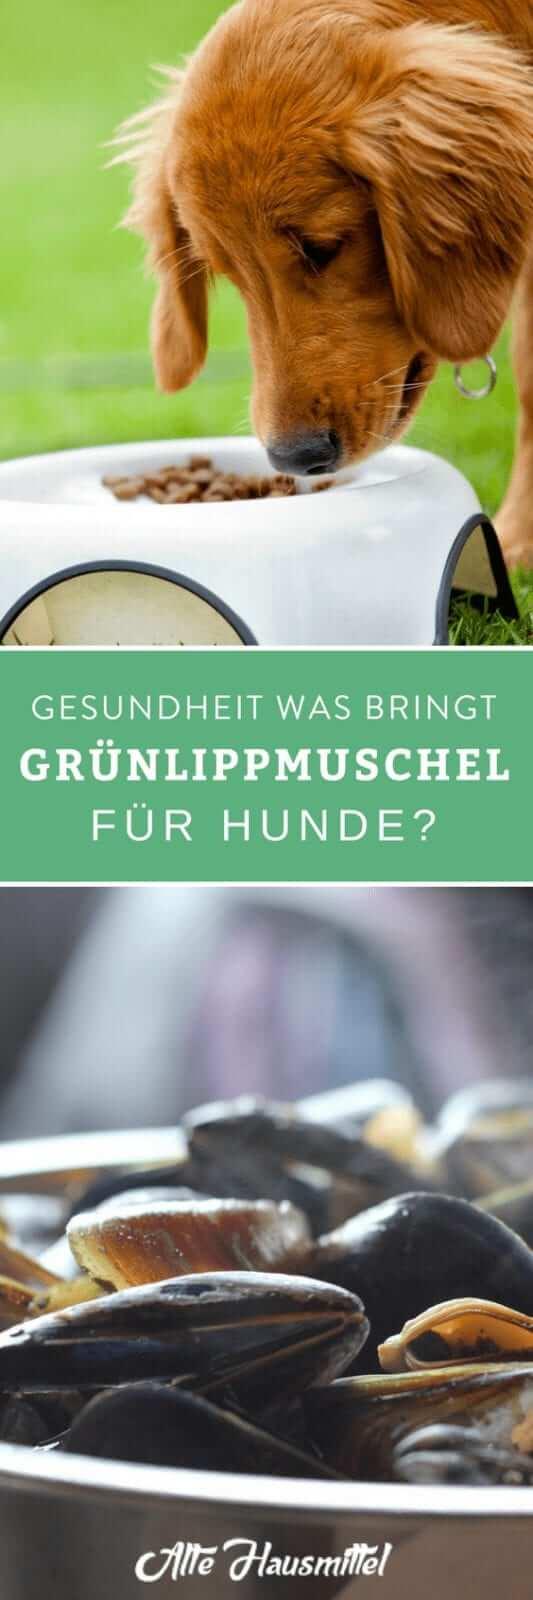 Was bringt Grünlippmuschel für Hunde?